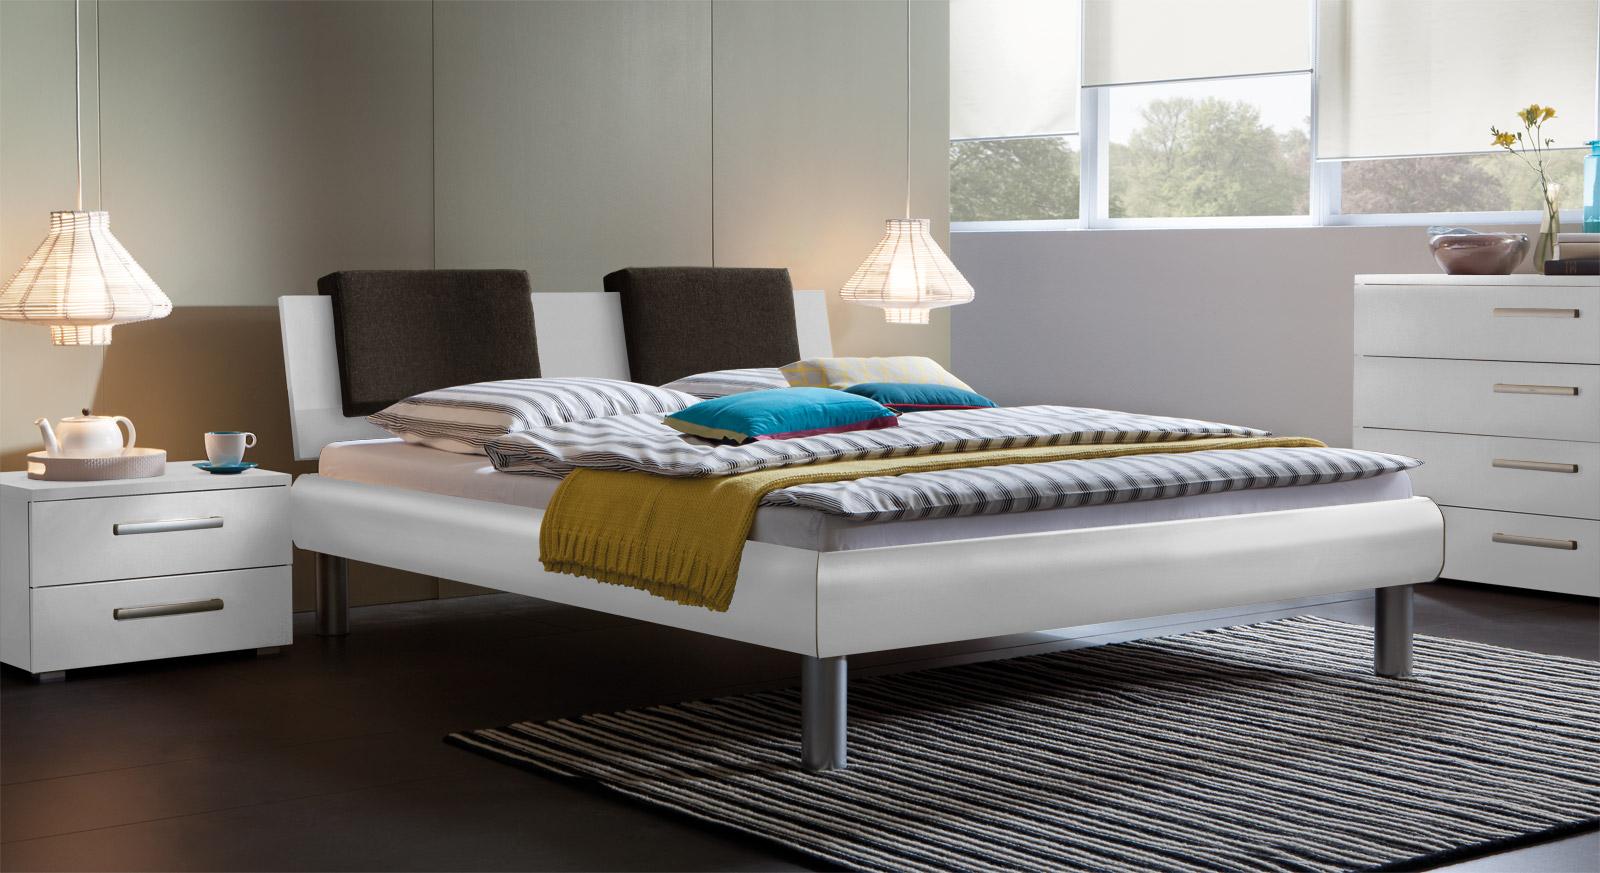 Bett Enna in der Fußhöhe 20cm und in Weiß